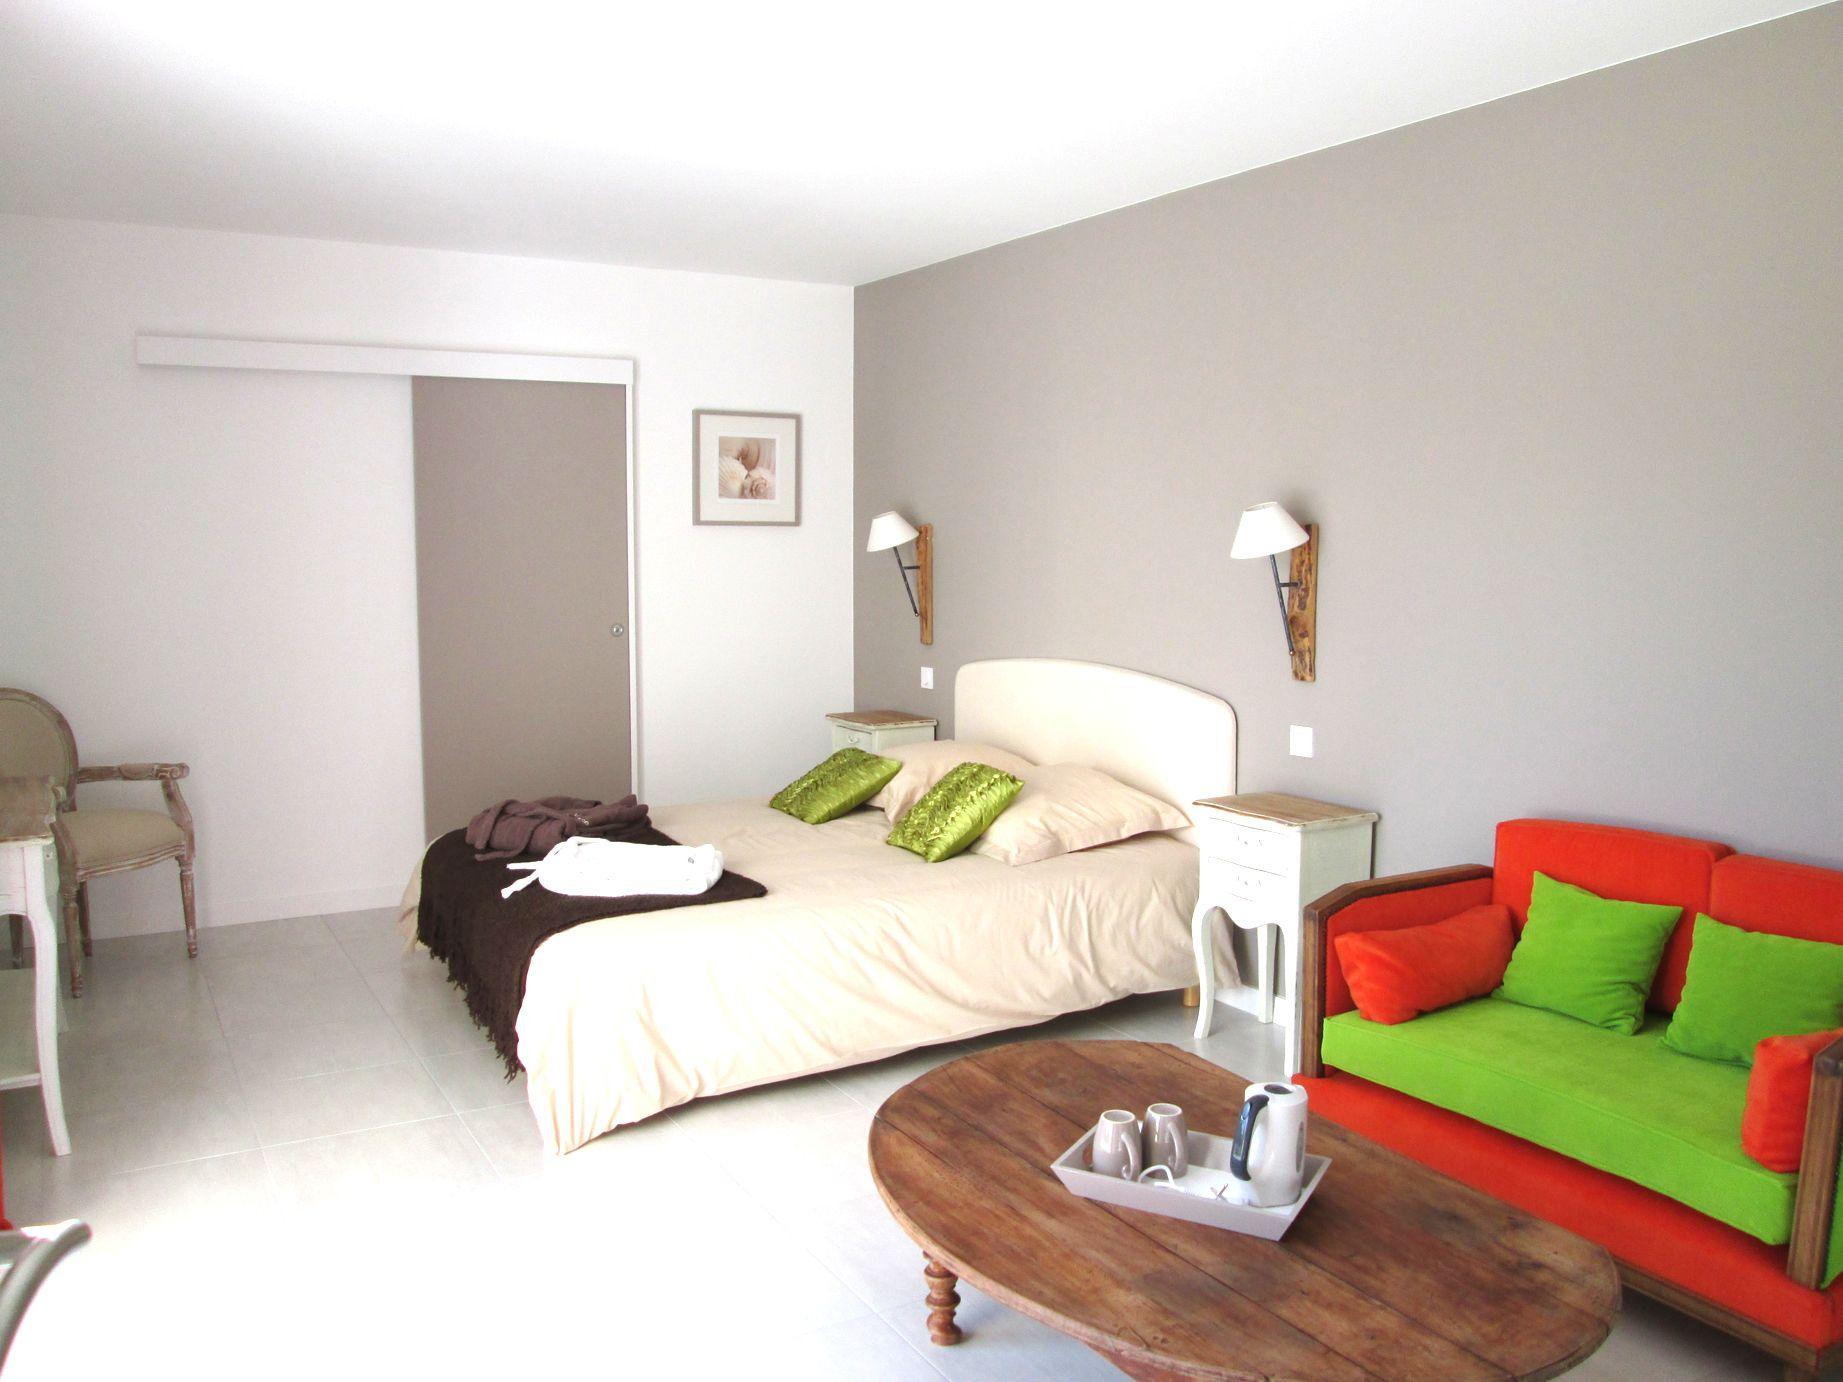 Maisons + Terrains du constructeur MAISONS PHENIX MERIGNAC • 120 m² • LUDON MEDOC